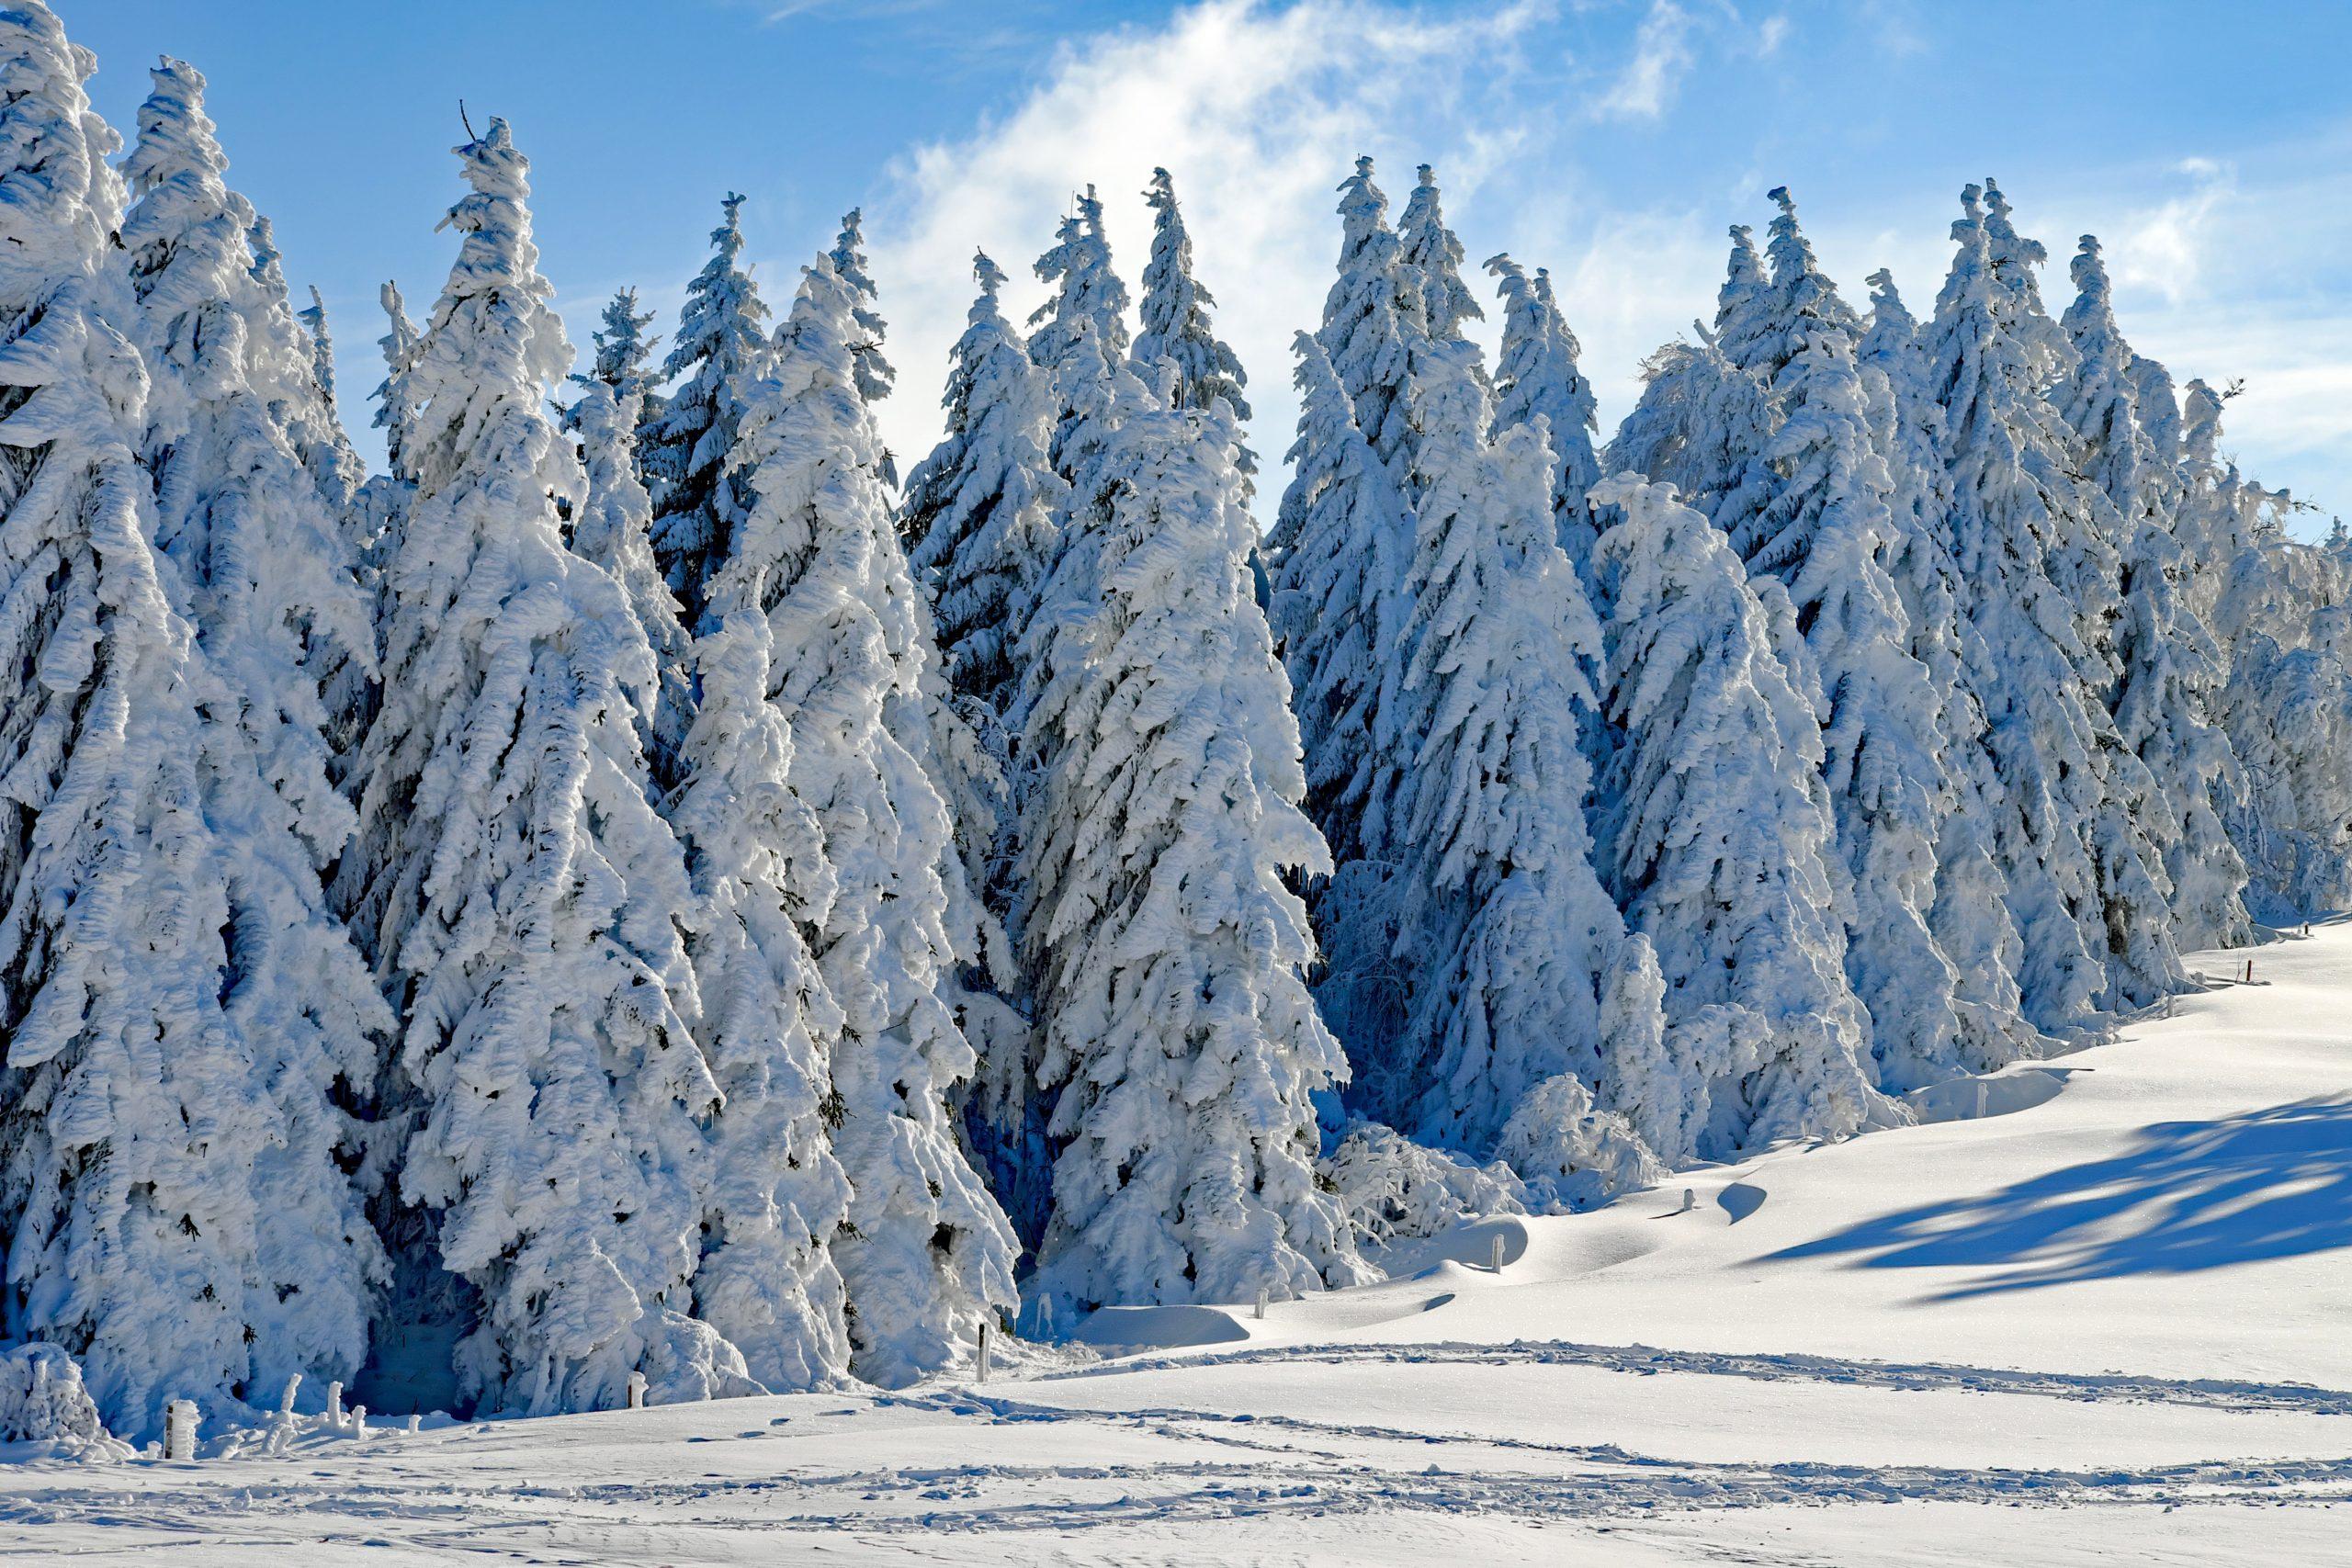 Grandvalira Resorts inaugura este sábado la temporada de invierno 2019-2020 con la apertura de la estación de Ordino Arcalís. Las nevadas de estos últimos días han dejado unas cotas en la estación de Ordino que oscilan entre los 20 y 40 cm de nieve polvo.